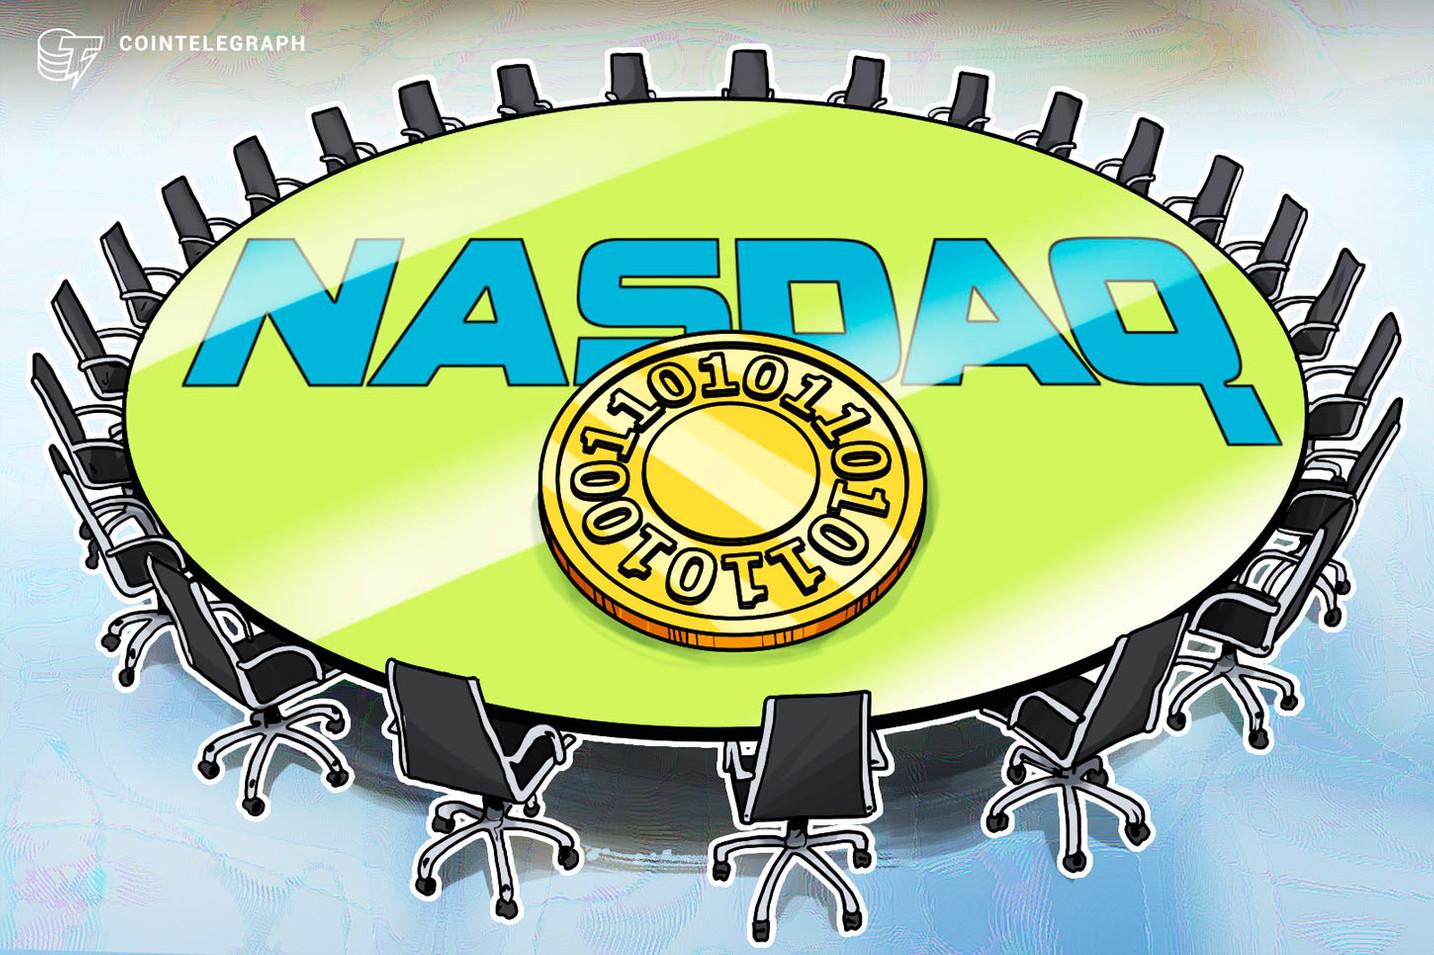 「仮想通貨業界の合法化を目指す」ナスダックが非公開で会合開く